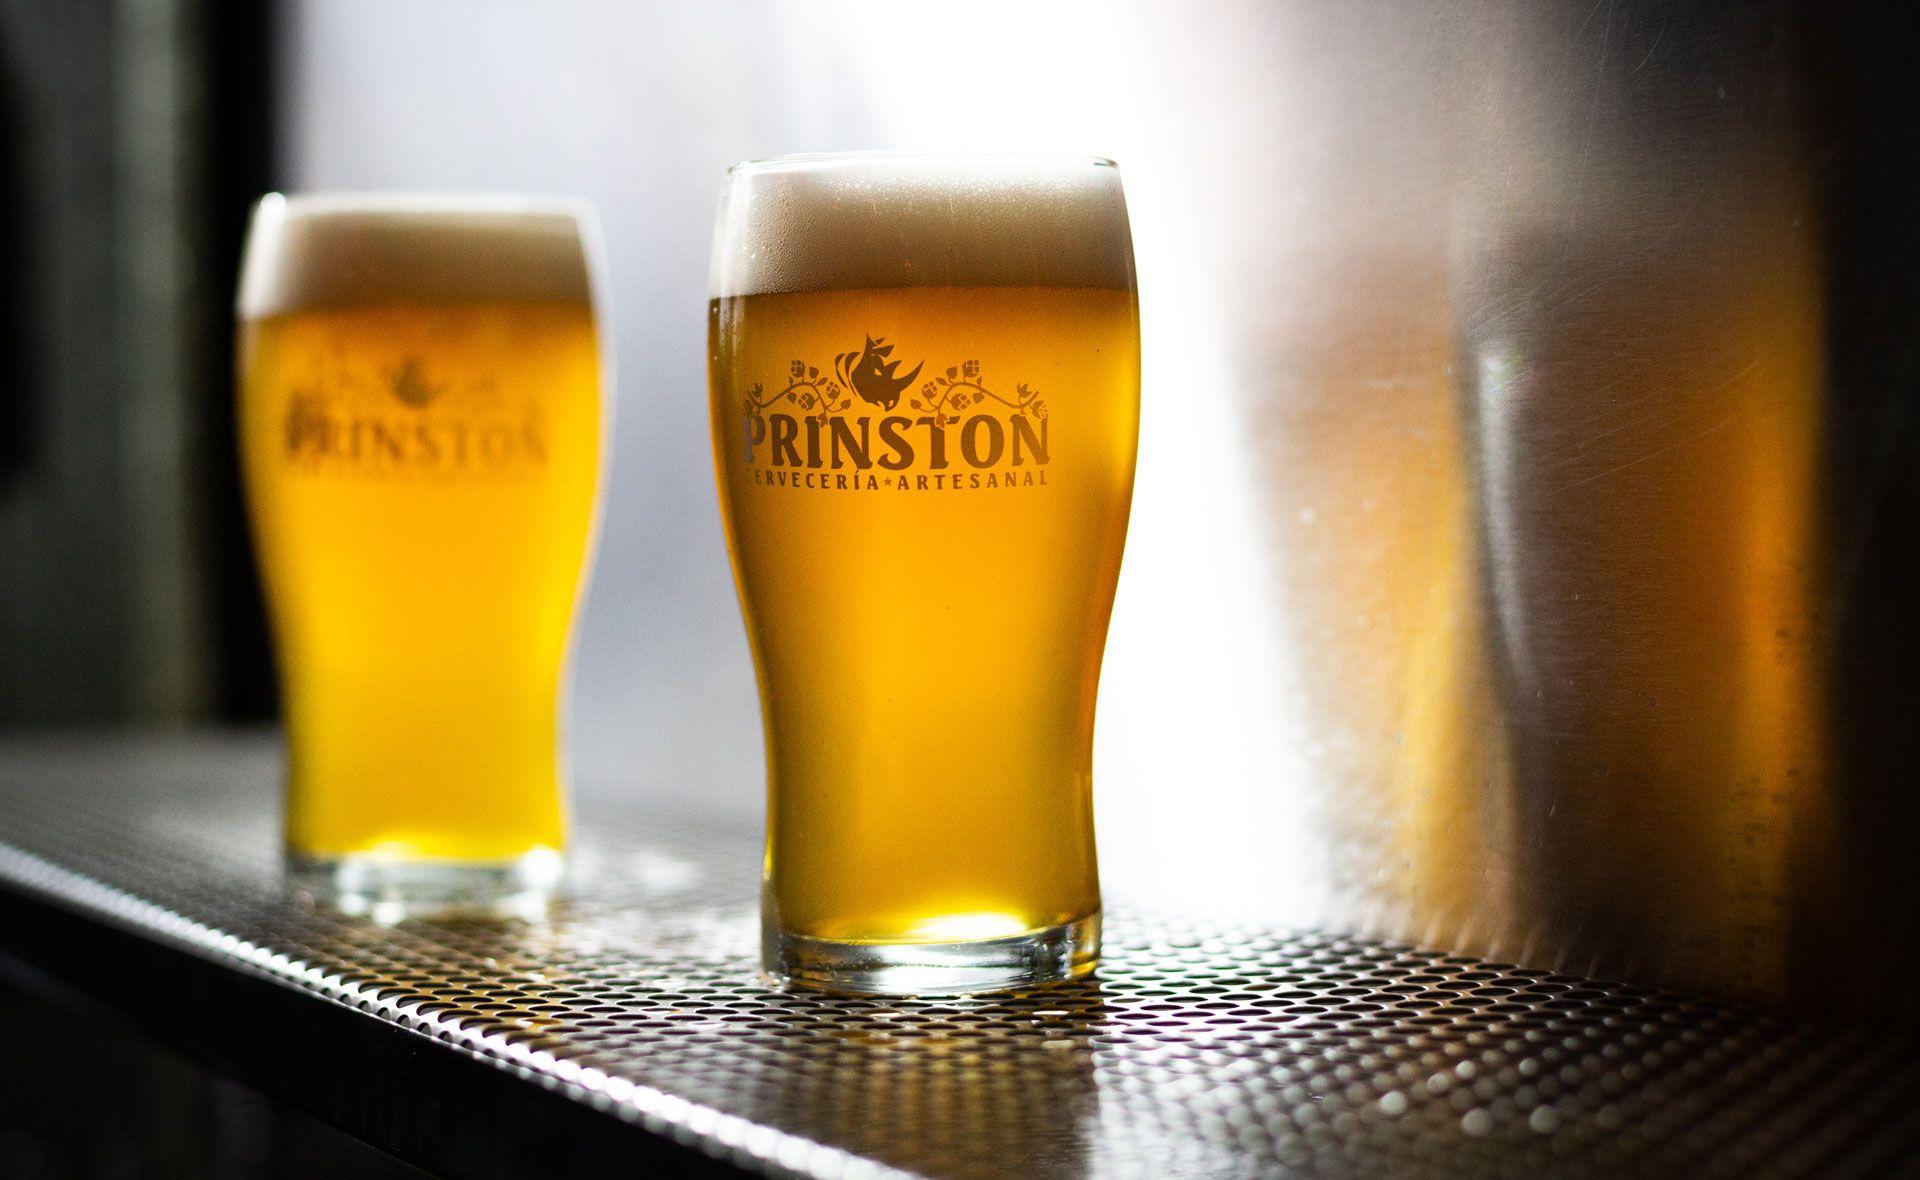 La Honey es uno de los estilos que más piden en la cervecería